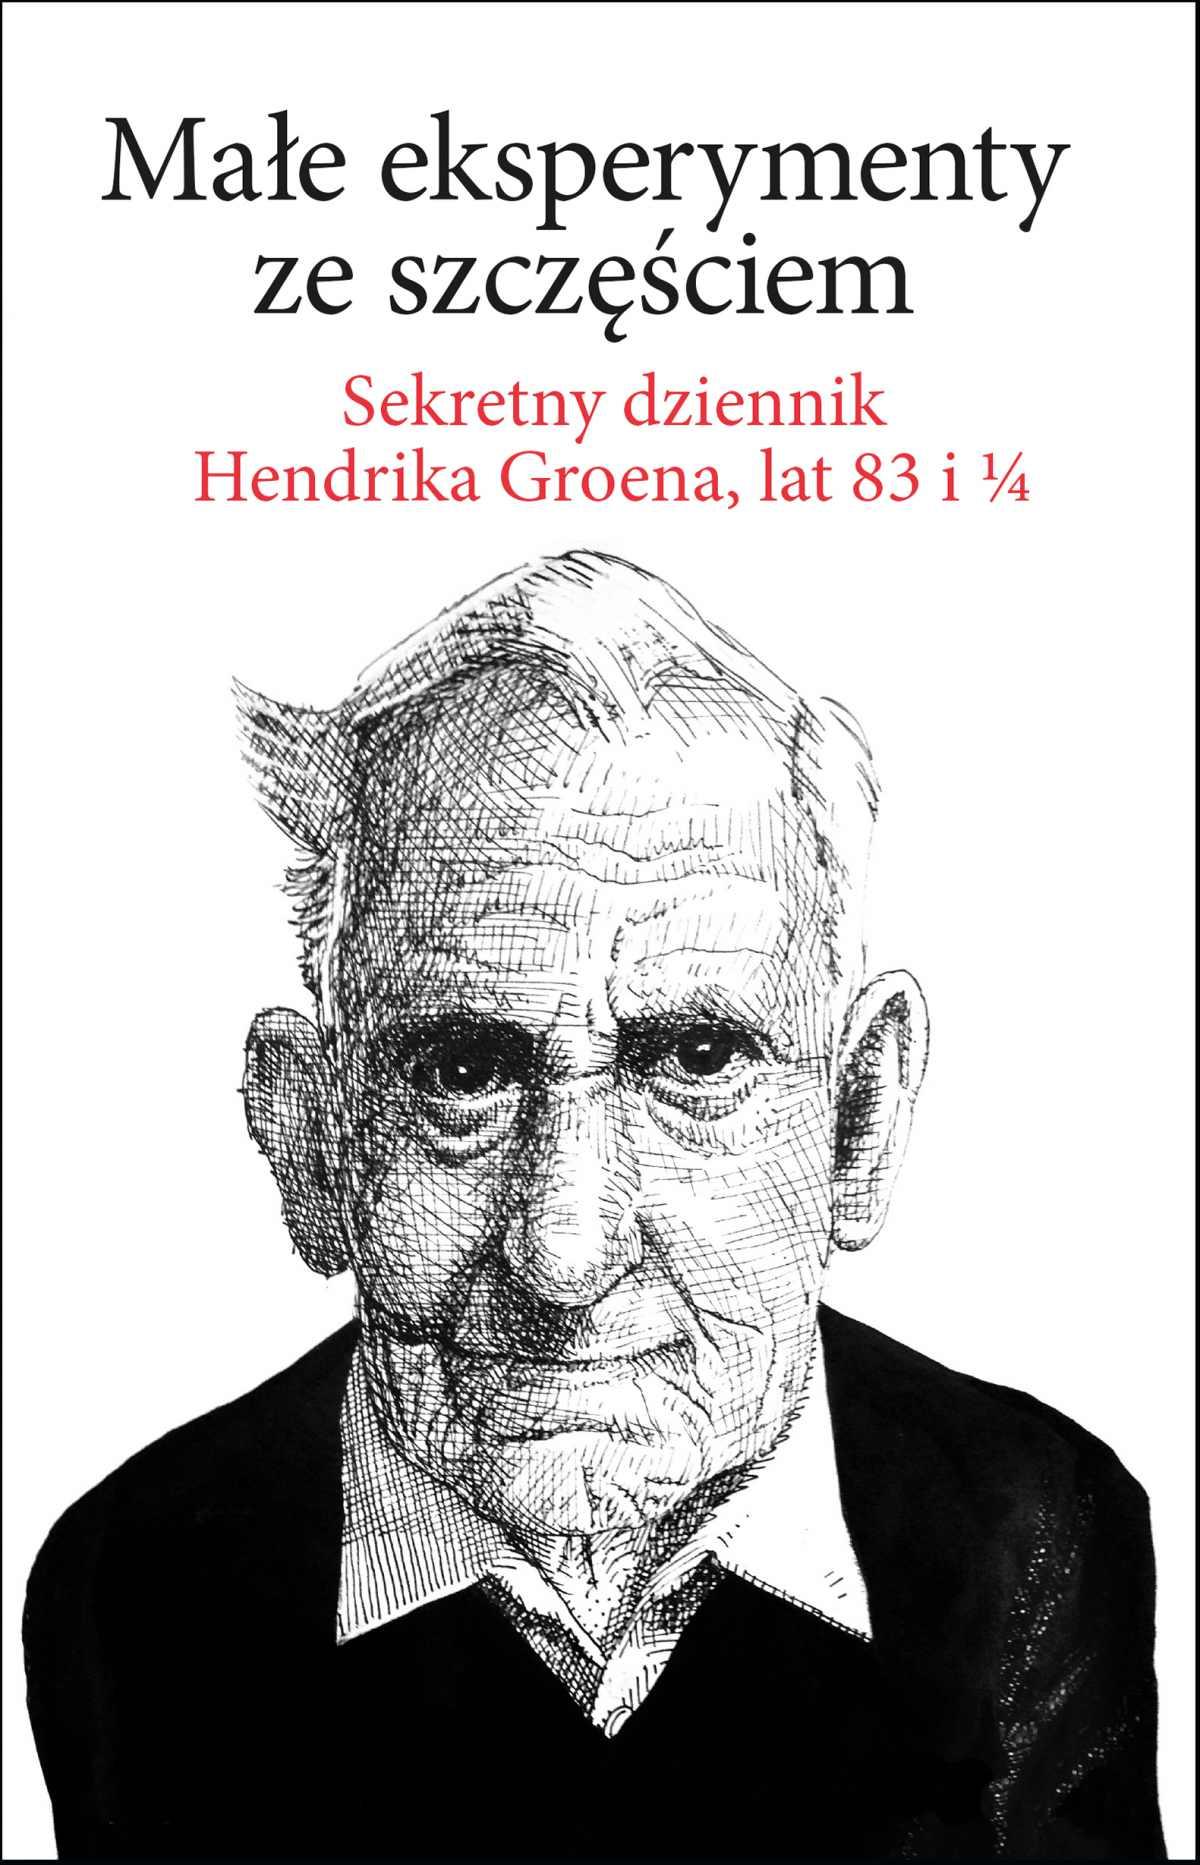 Małe eksperymenty ze szczęściem. Sekretny dziennik Hendrika Groena, lat 83 i 1/4 - Ebook (Książka na Kindle) do pobrania w formacie MOBI